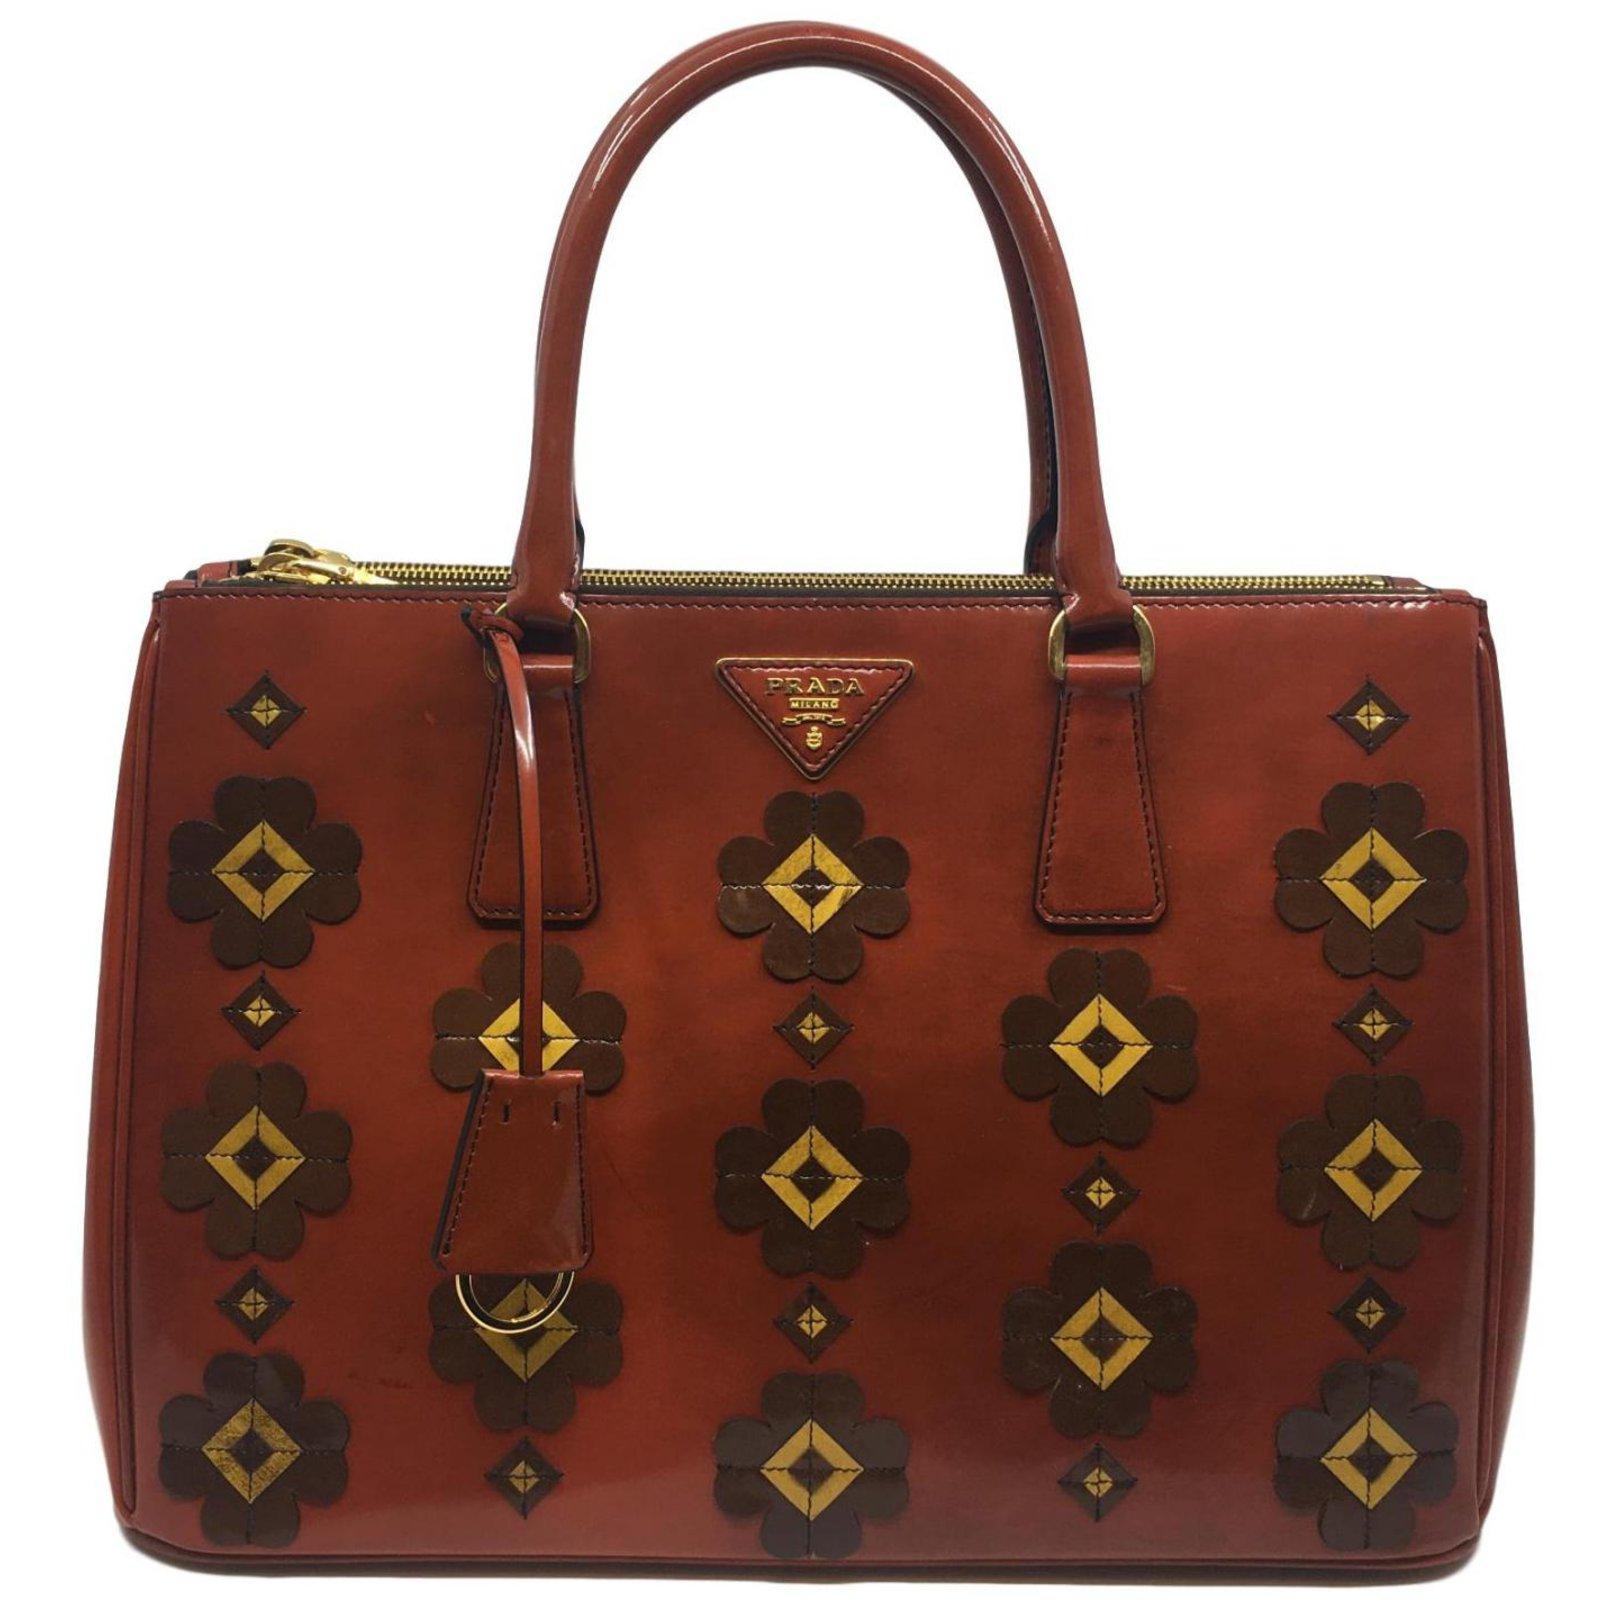 73c36e741312 Prada Galleria Handbag Handbags Leather Brown ref.80912 - Joli Closet